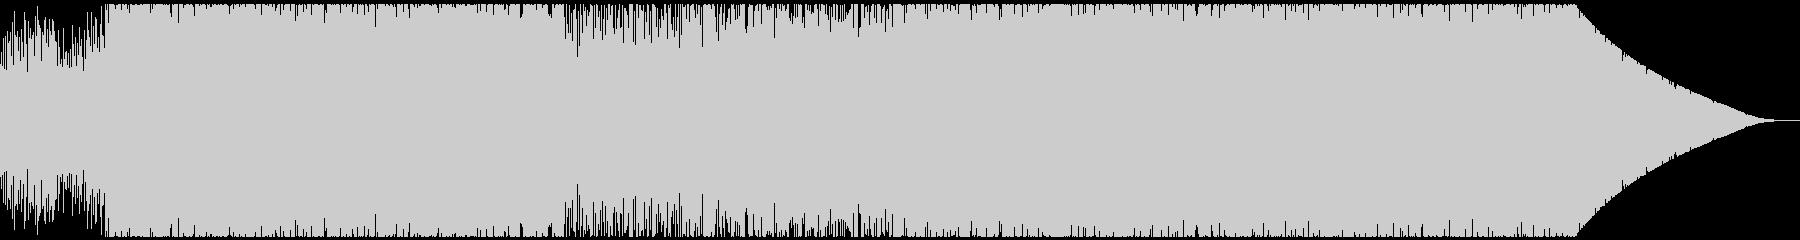 80's retro synthwaveの未再生の波形